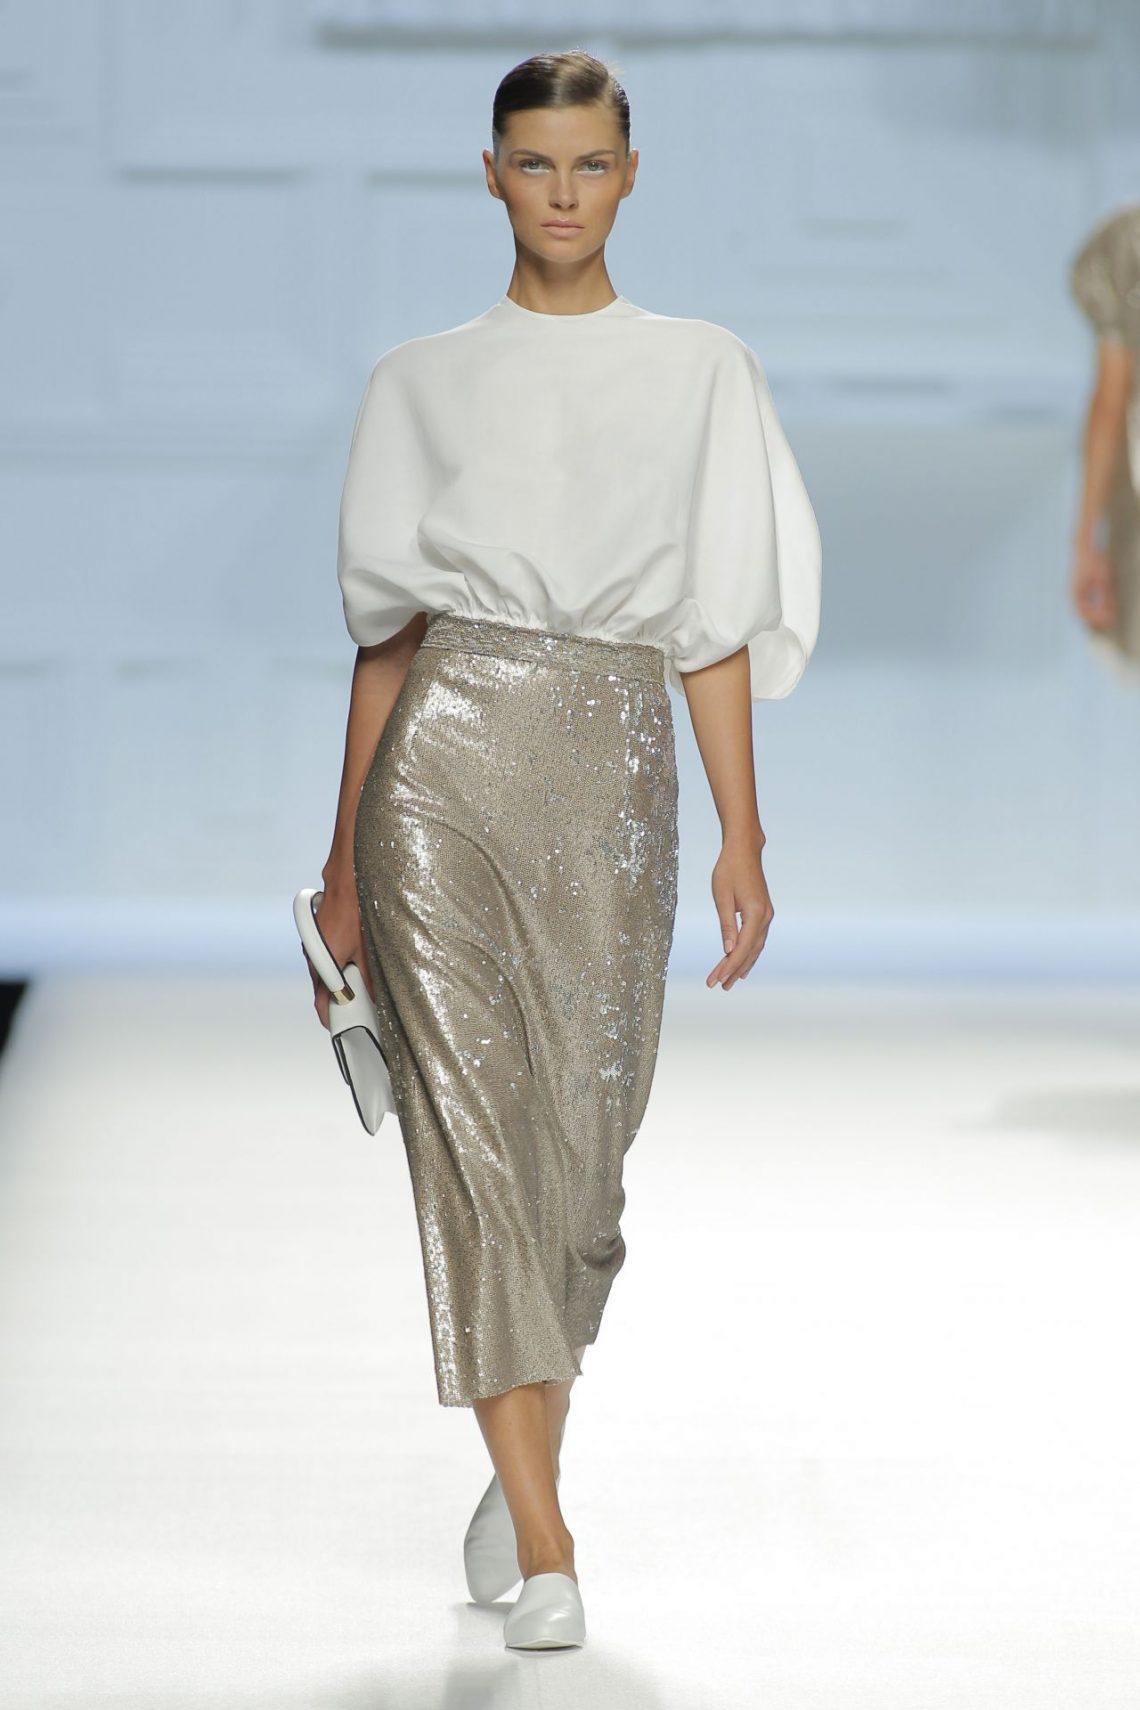 La Moda española se prepara para celebrar la Mercedes-Benz Fashion Week Madrid ¿Cuál es el motivo del adelanto en el calendario?